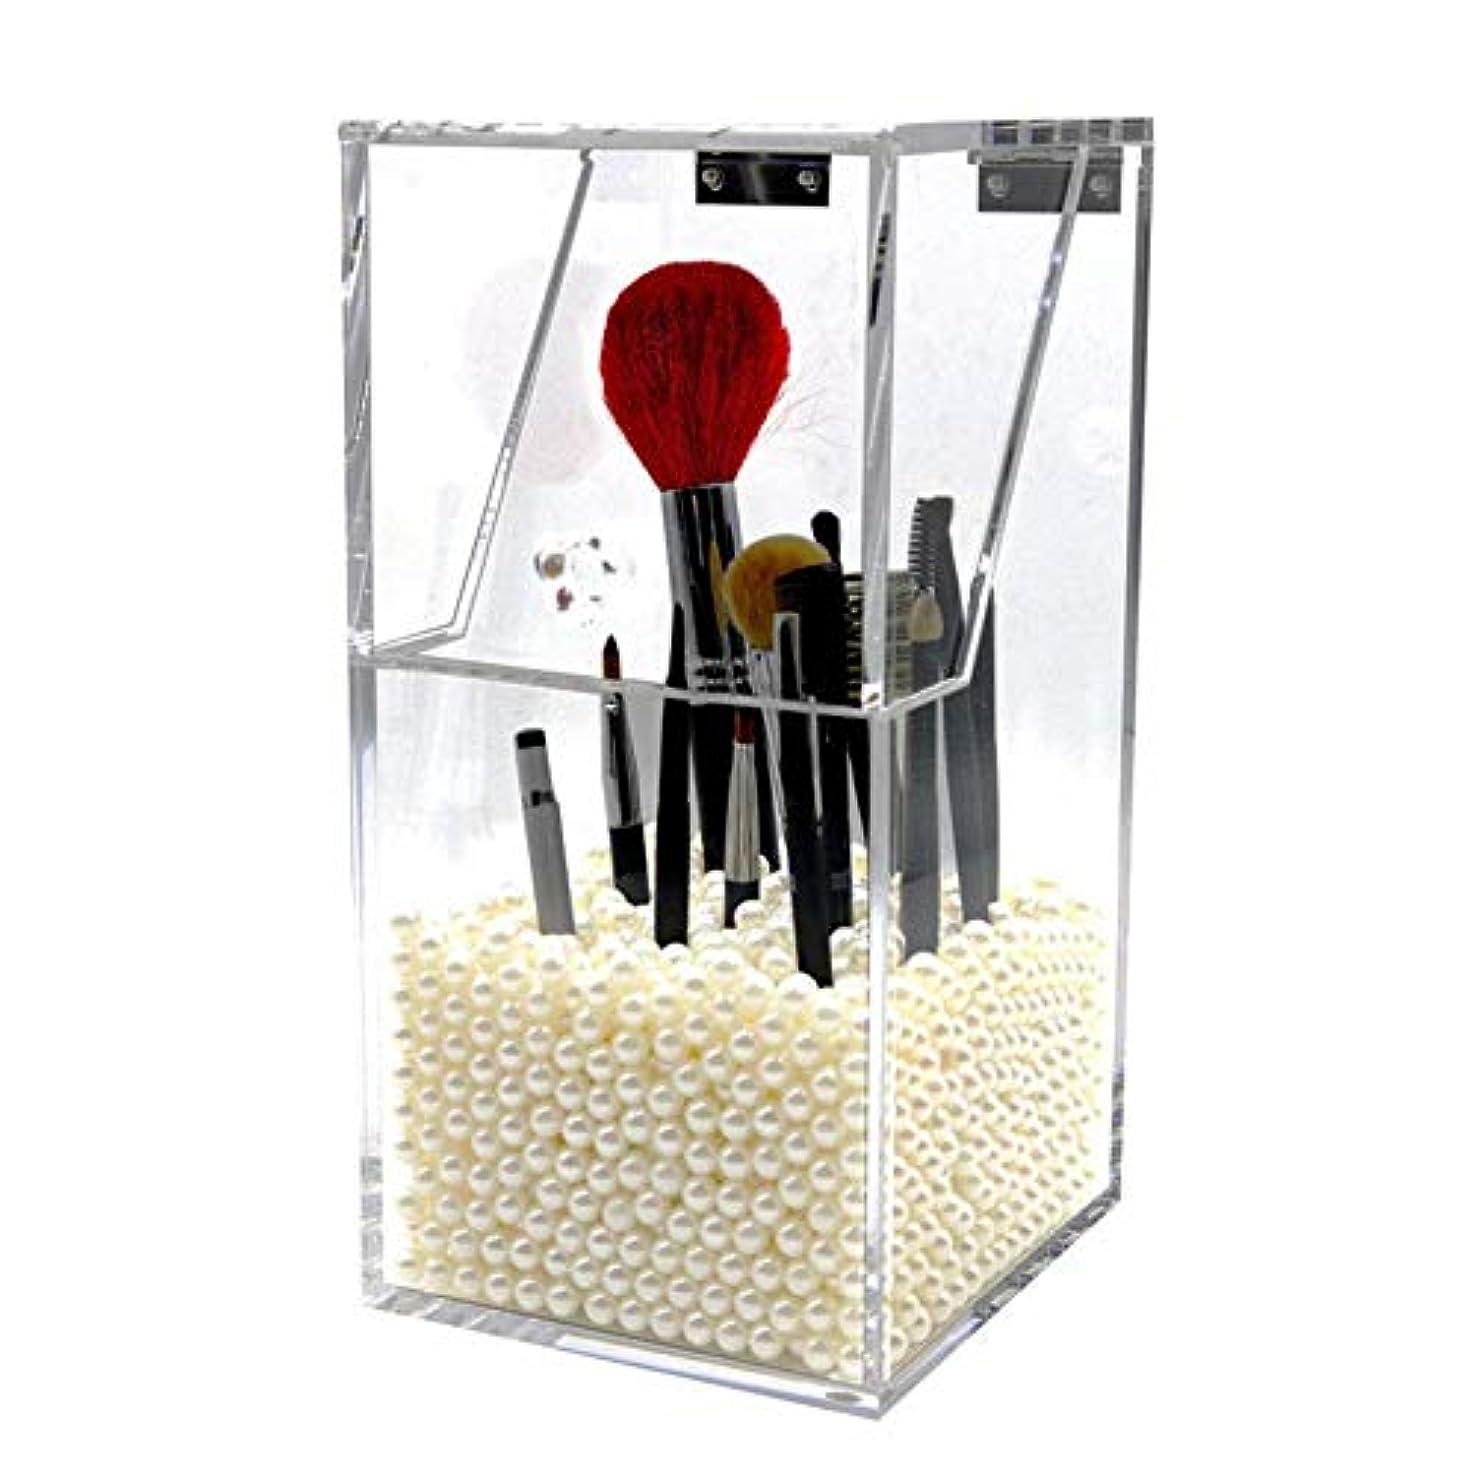 フライカイト同意流体ITTE アクリル 透明な化粧箱真珠収納ボックス ブラシペンシル 口紅ポリッシュ防塵の化粧道具組織者 (ホワイト)